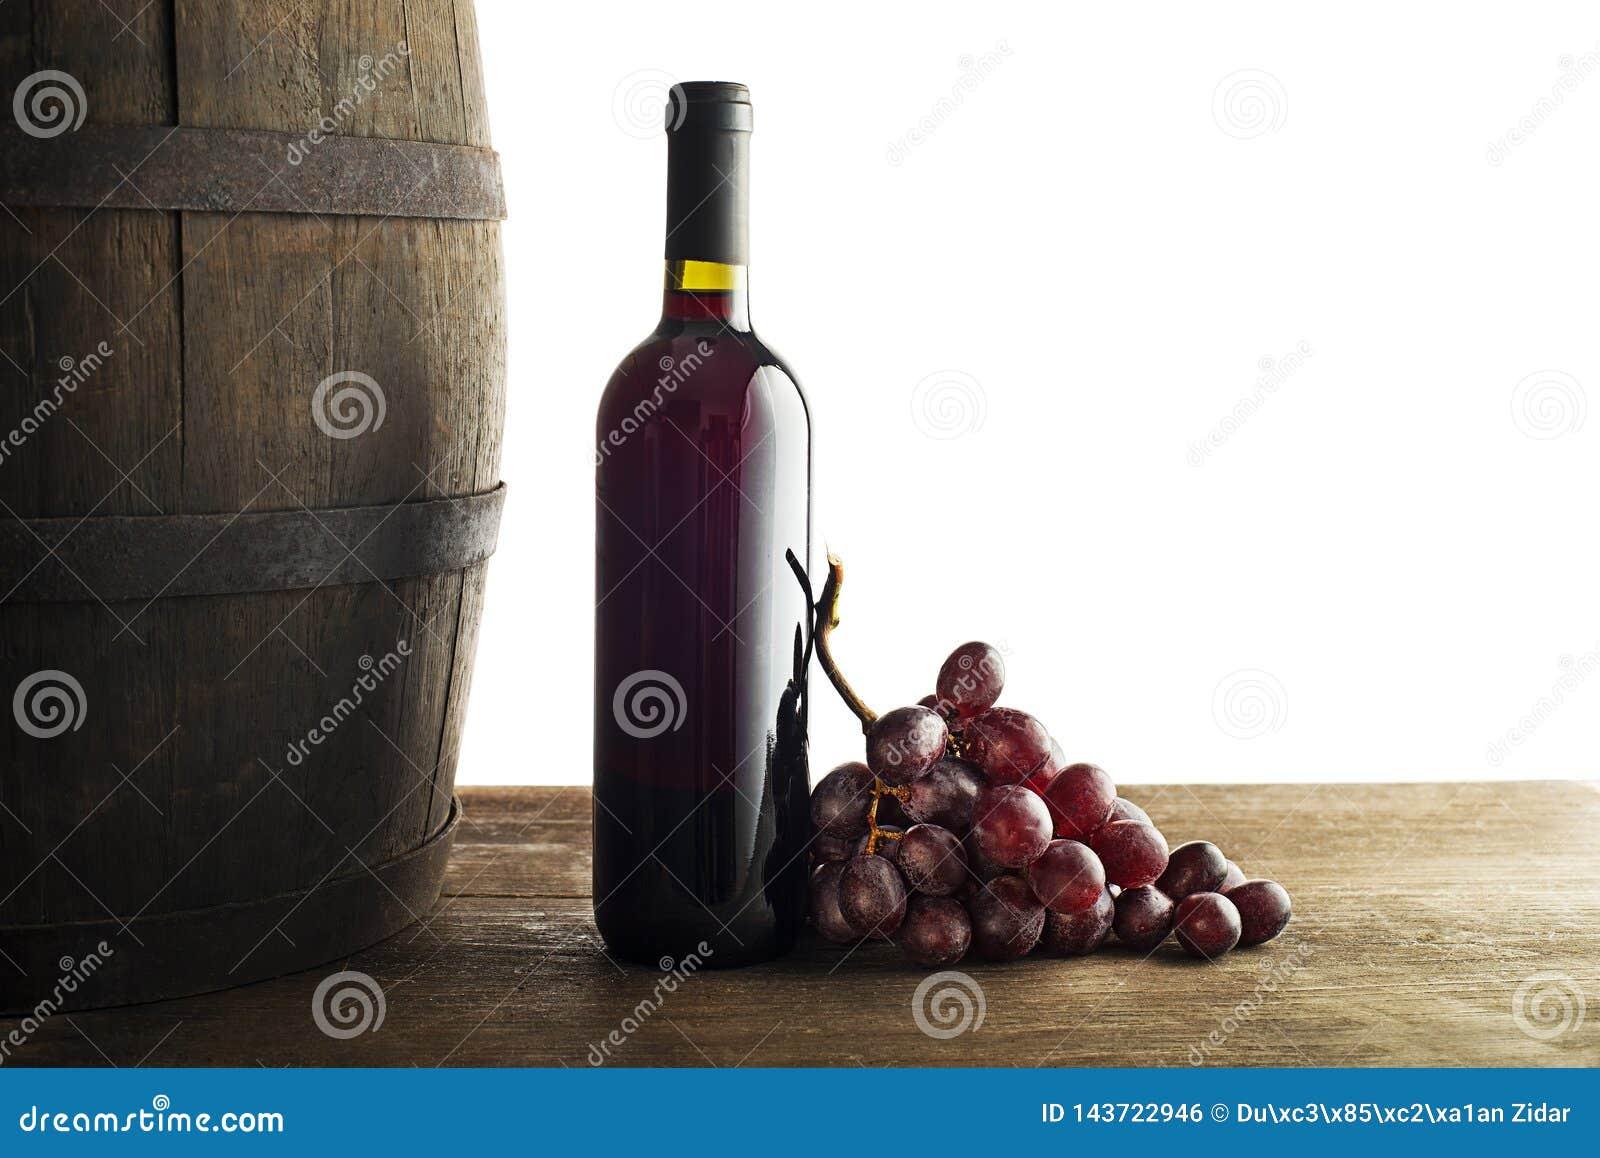 红酒酒瓶有桶背景